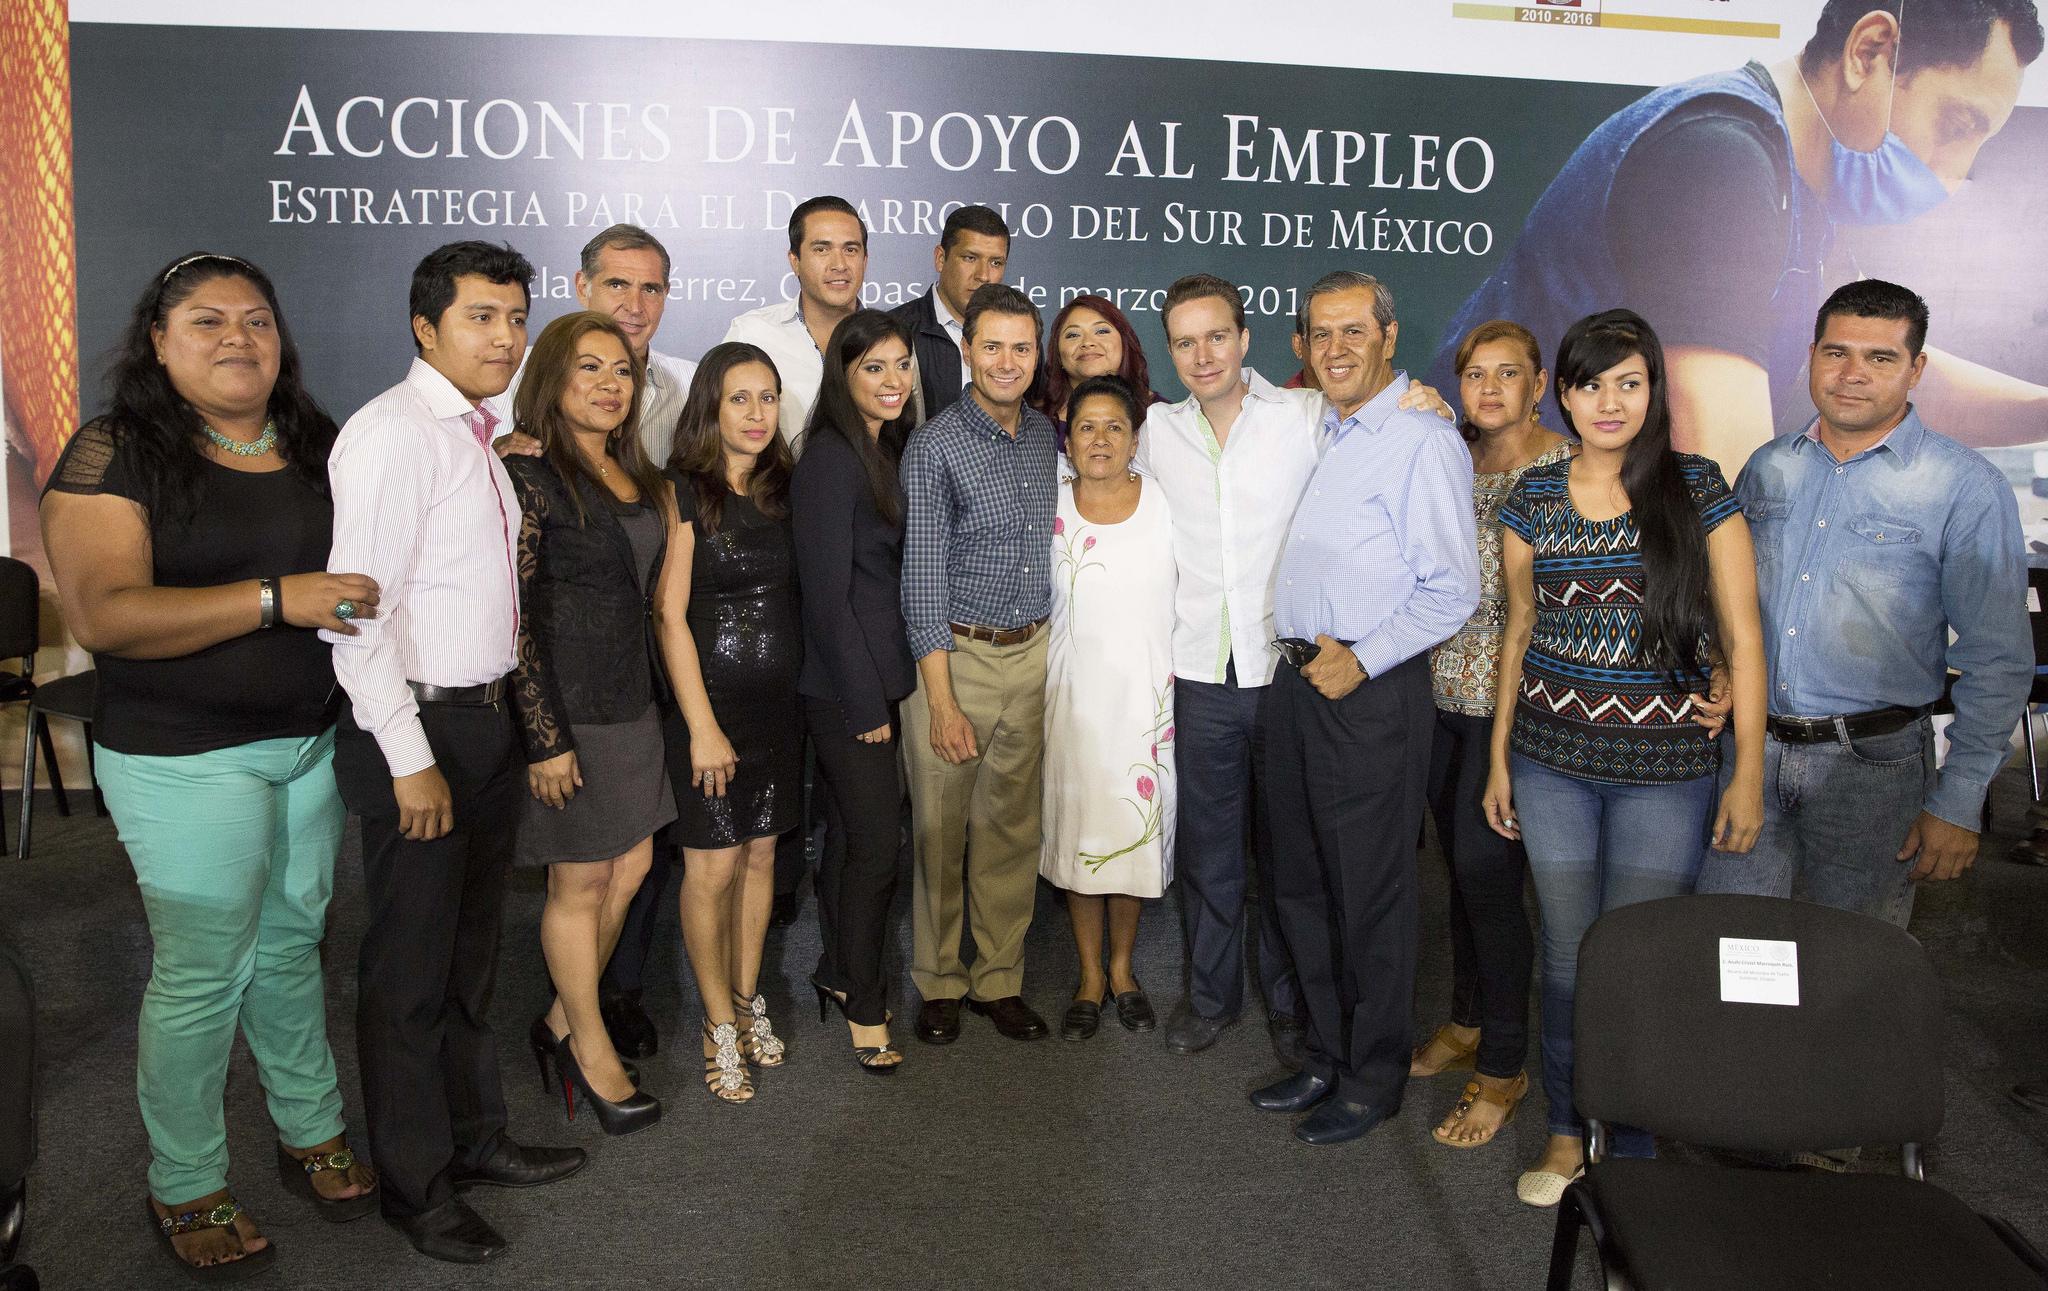 """""""Los jóvenes de México son la mayor fortaleza que tiene nuestro país para competir, crecer y triunfar en el siglo XXI"""": EPN"""